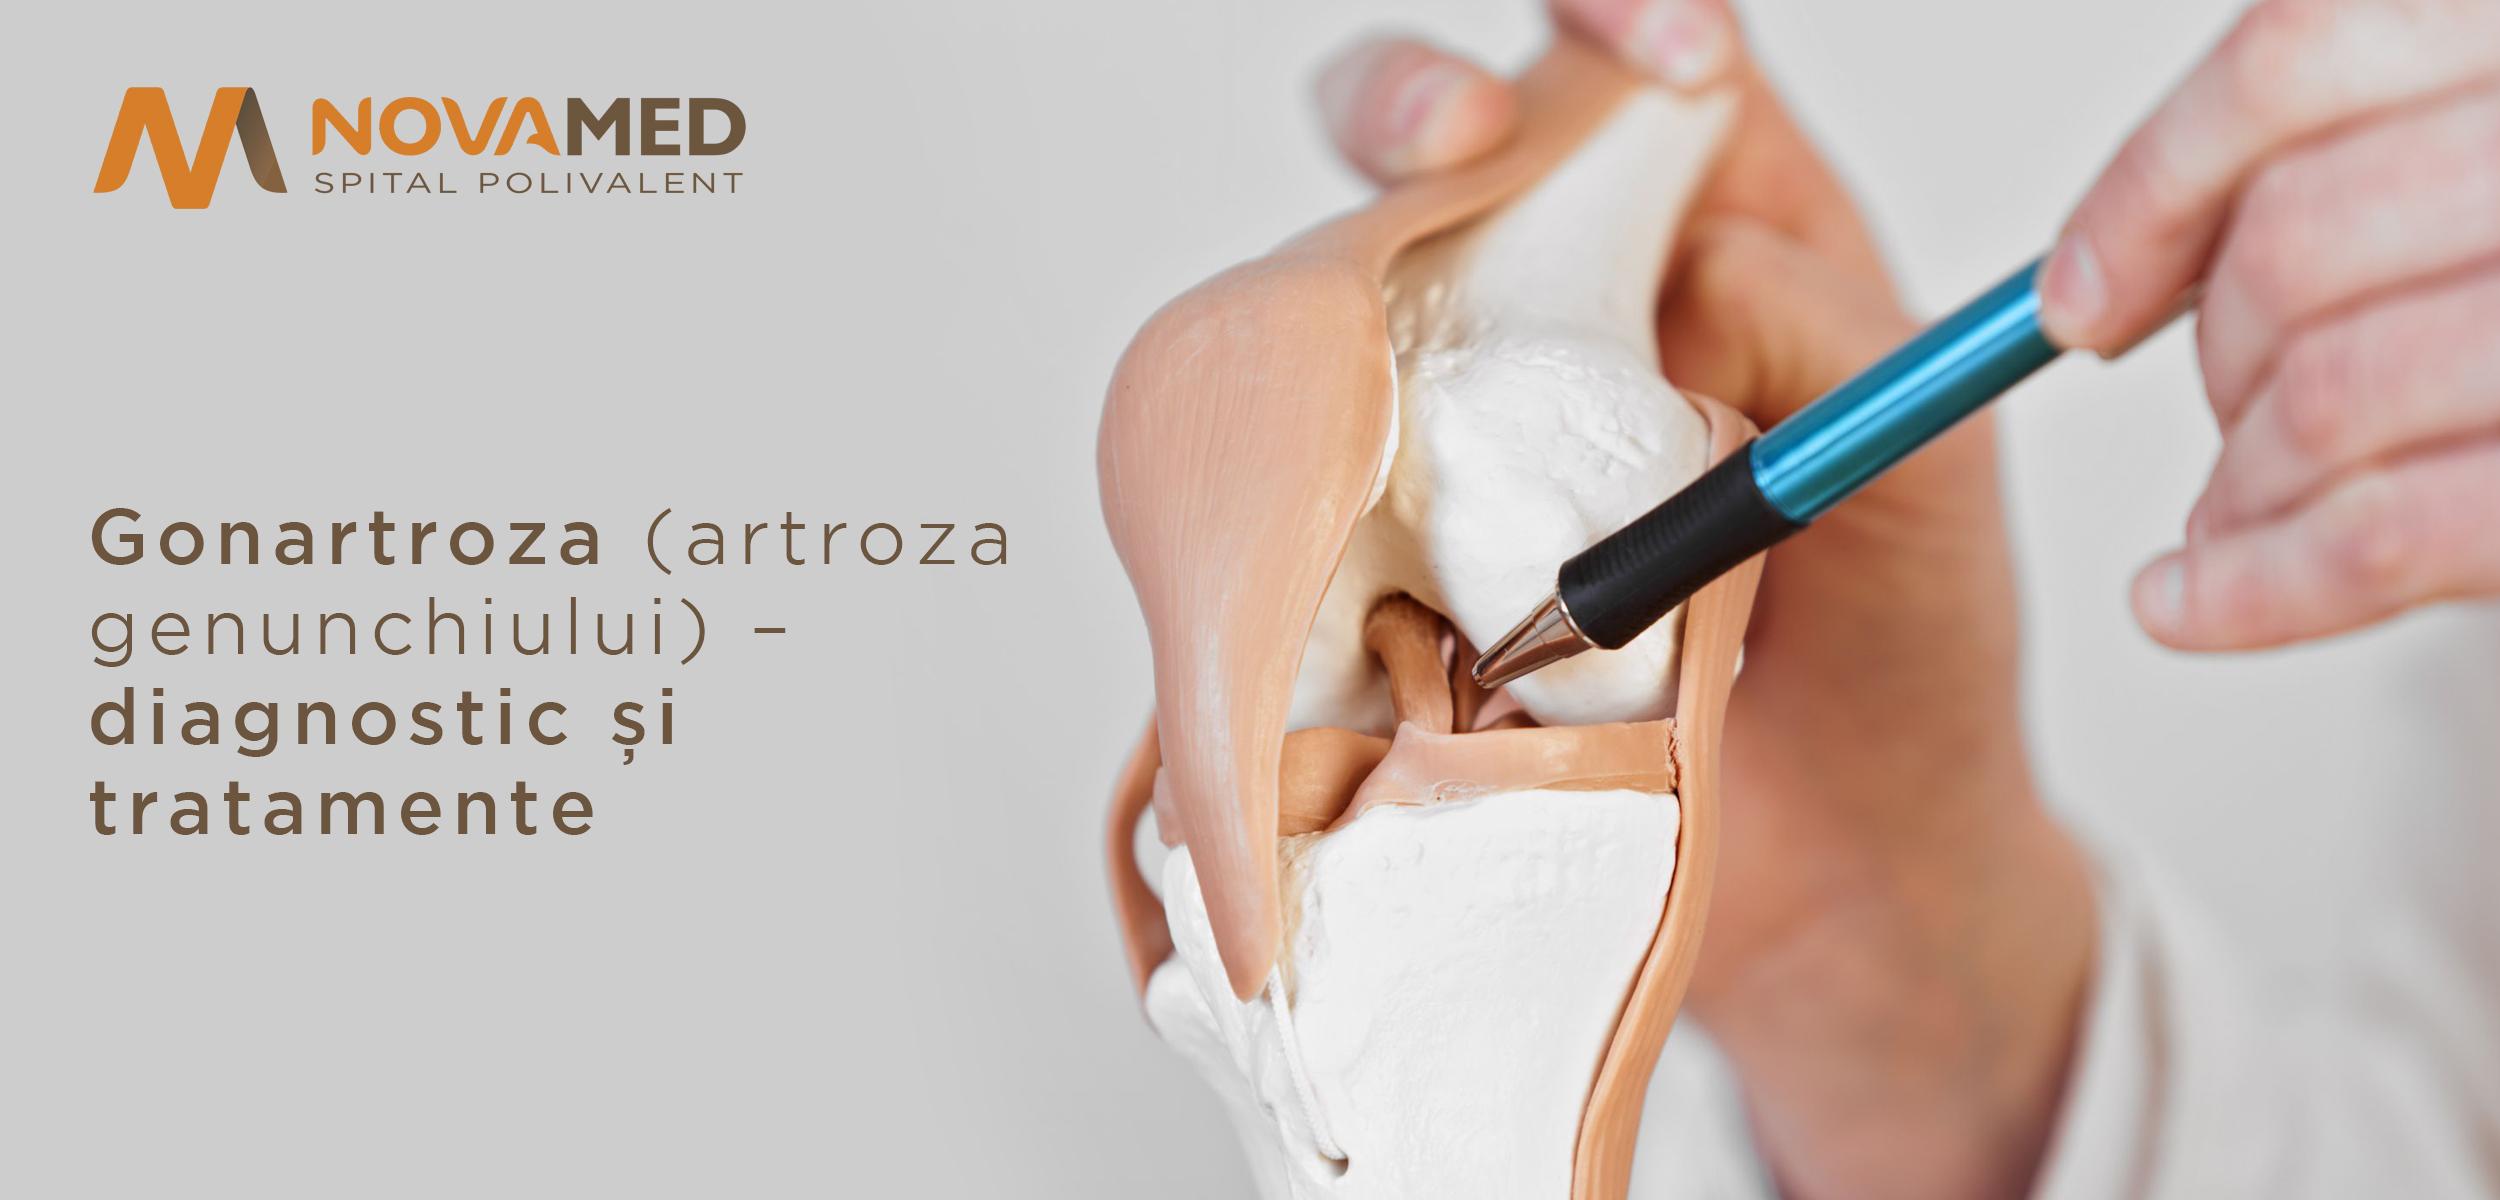 artroza tratamentului gonartrozei genunchiului artroza tratamentului articulației genunchiului cu acid hialuronic